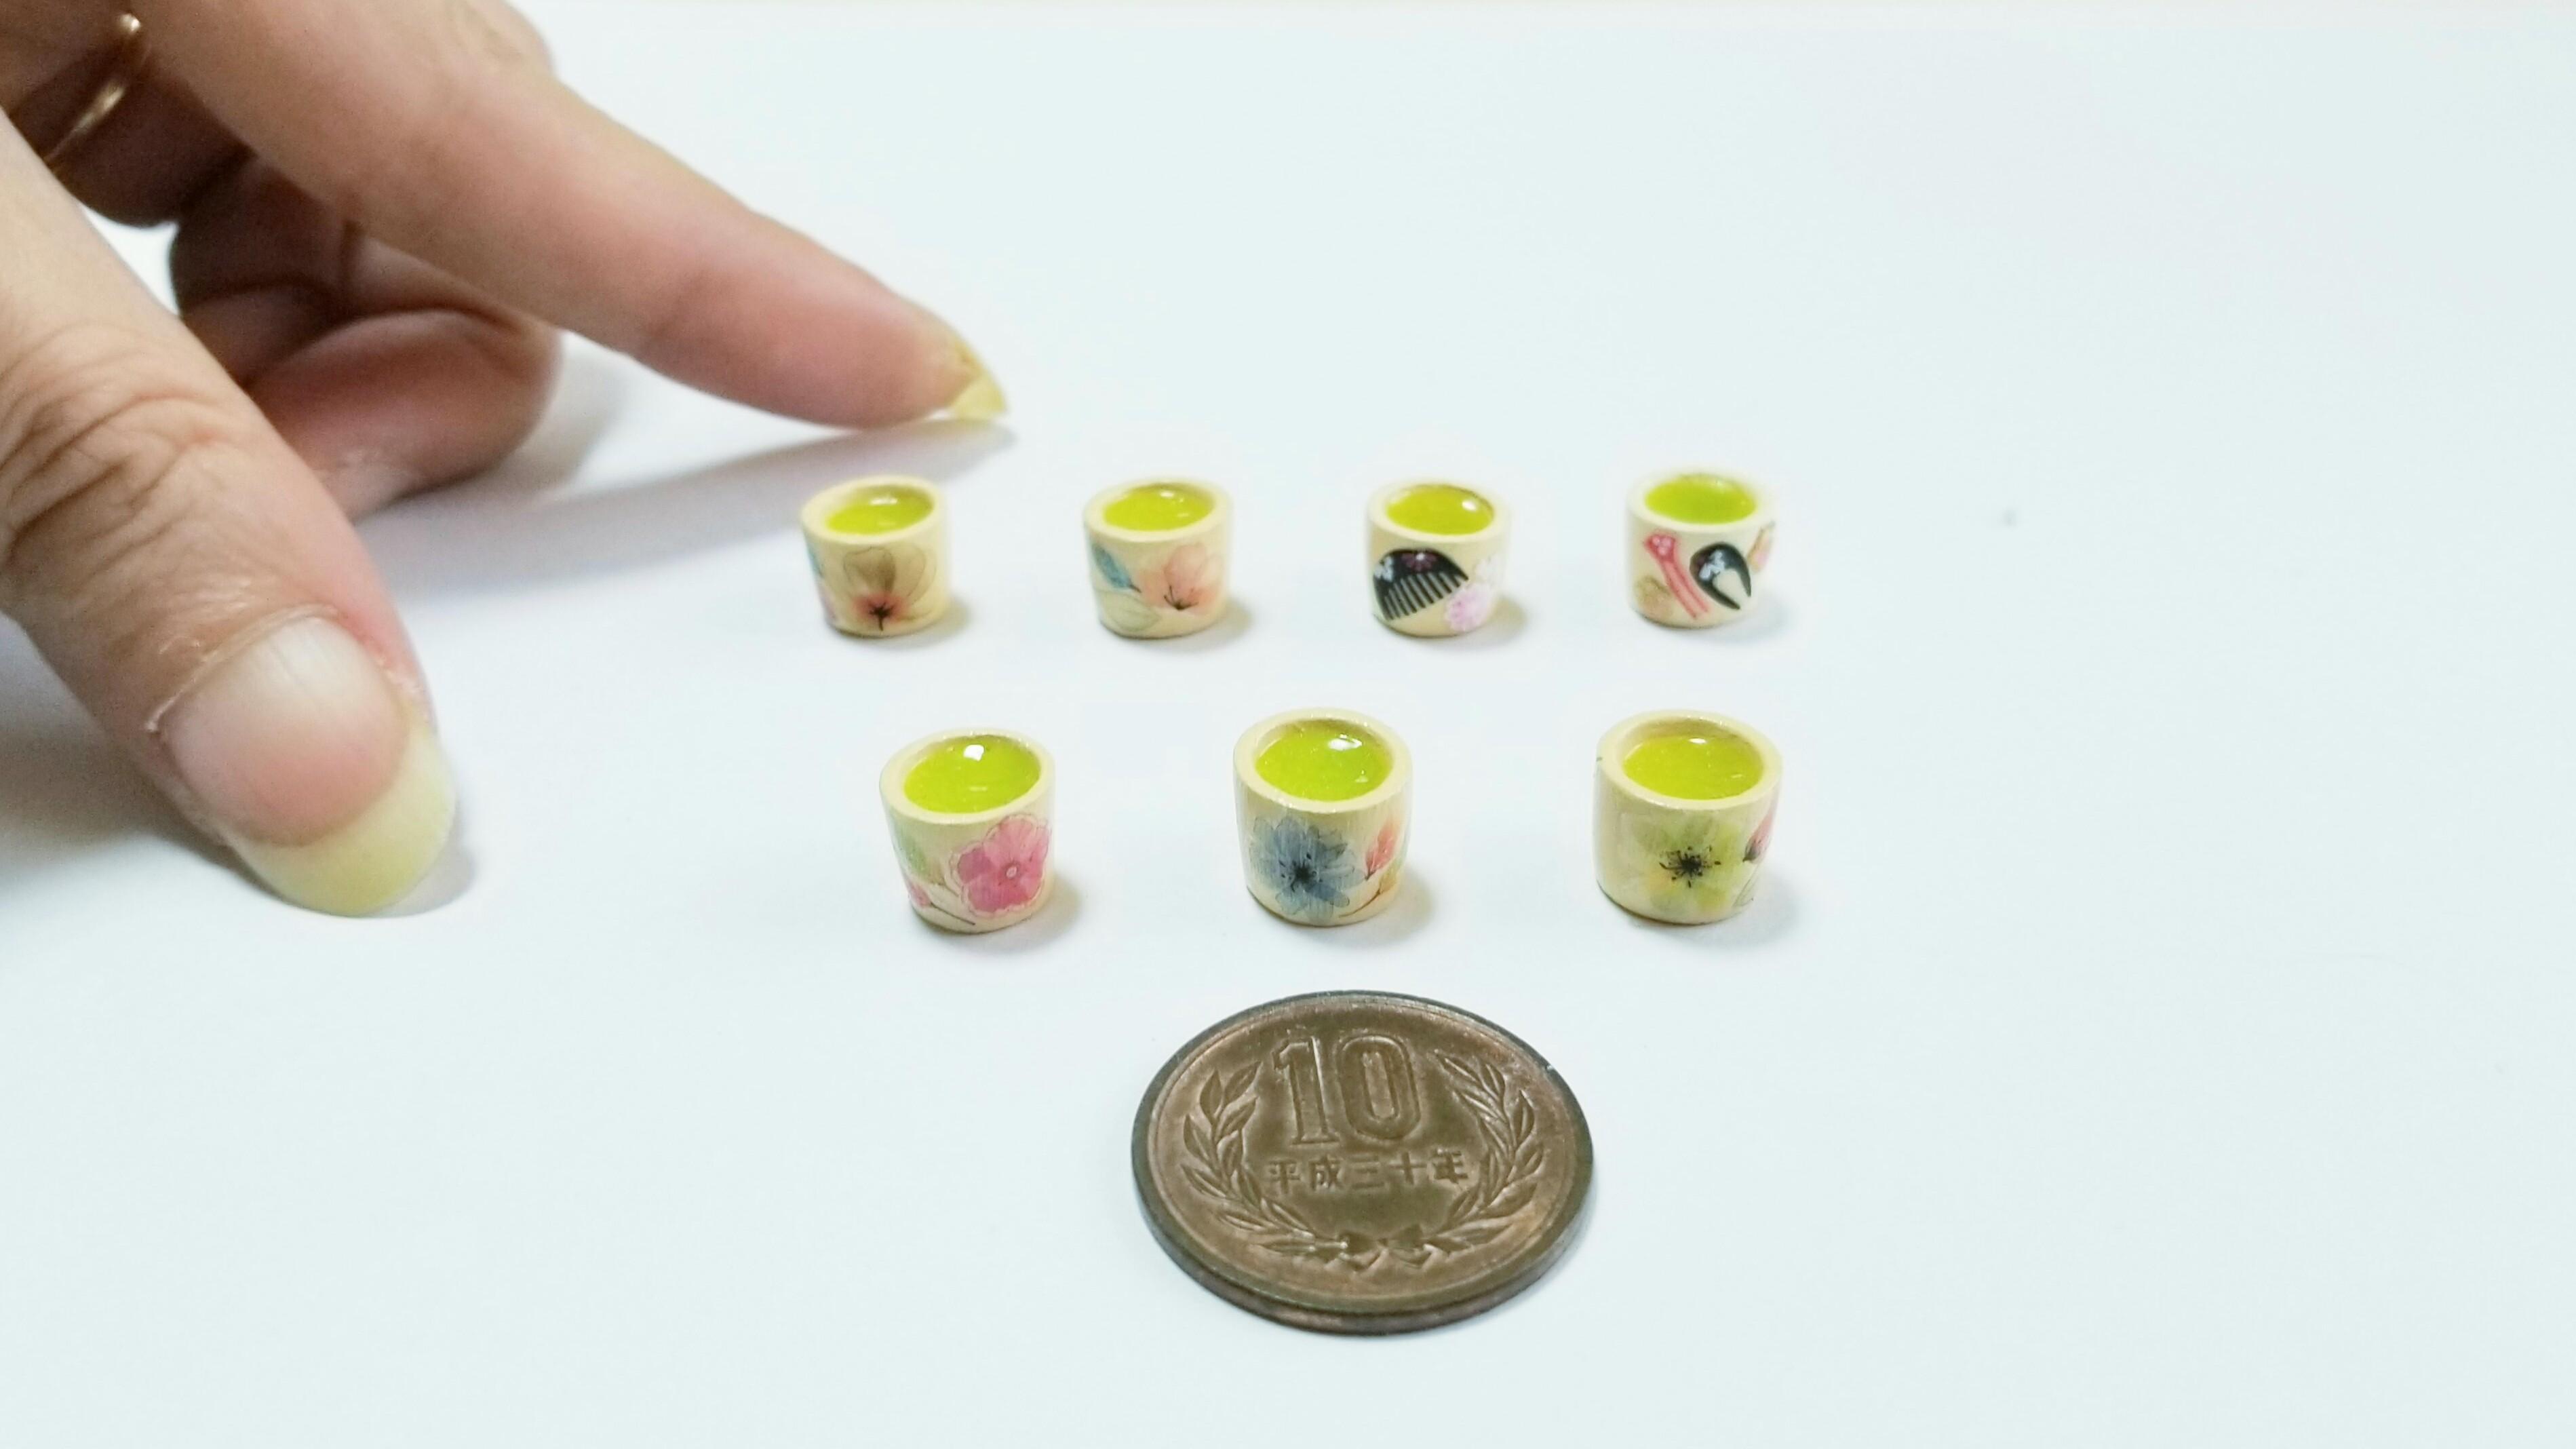 ミニチュアフード可愛いハンドメイドドール用品小物ミンネ人気商品